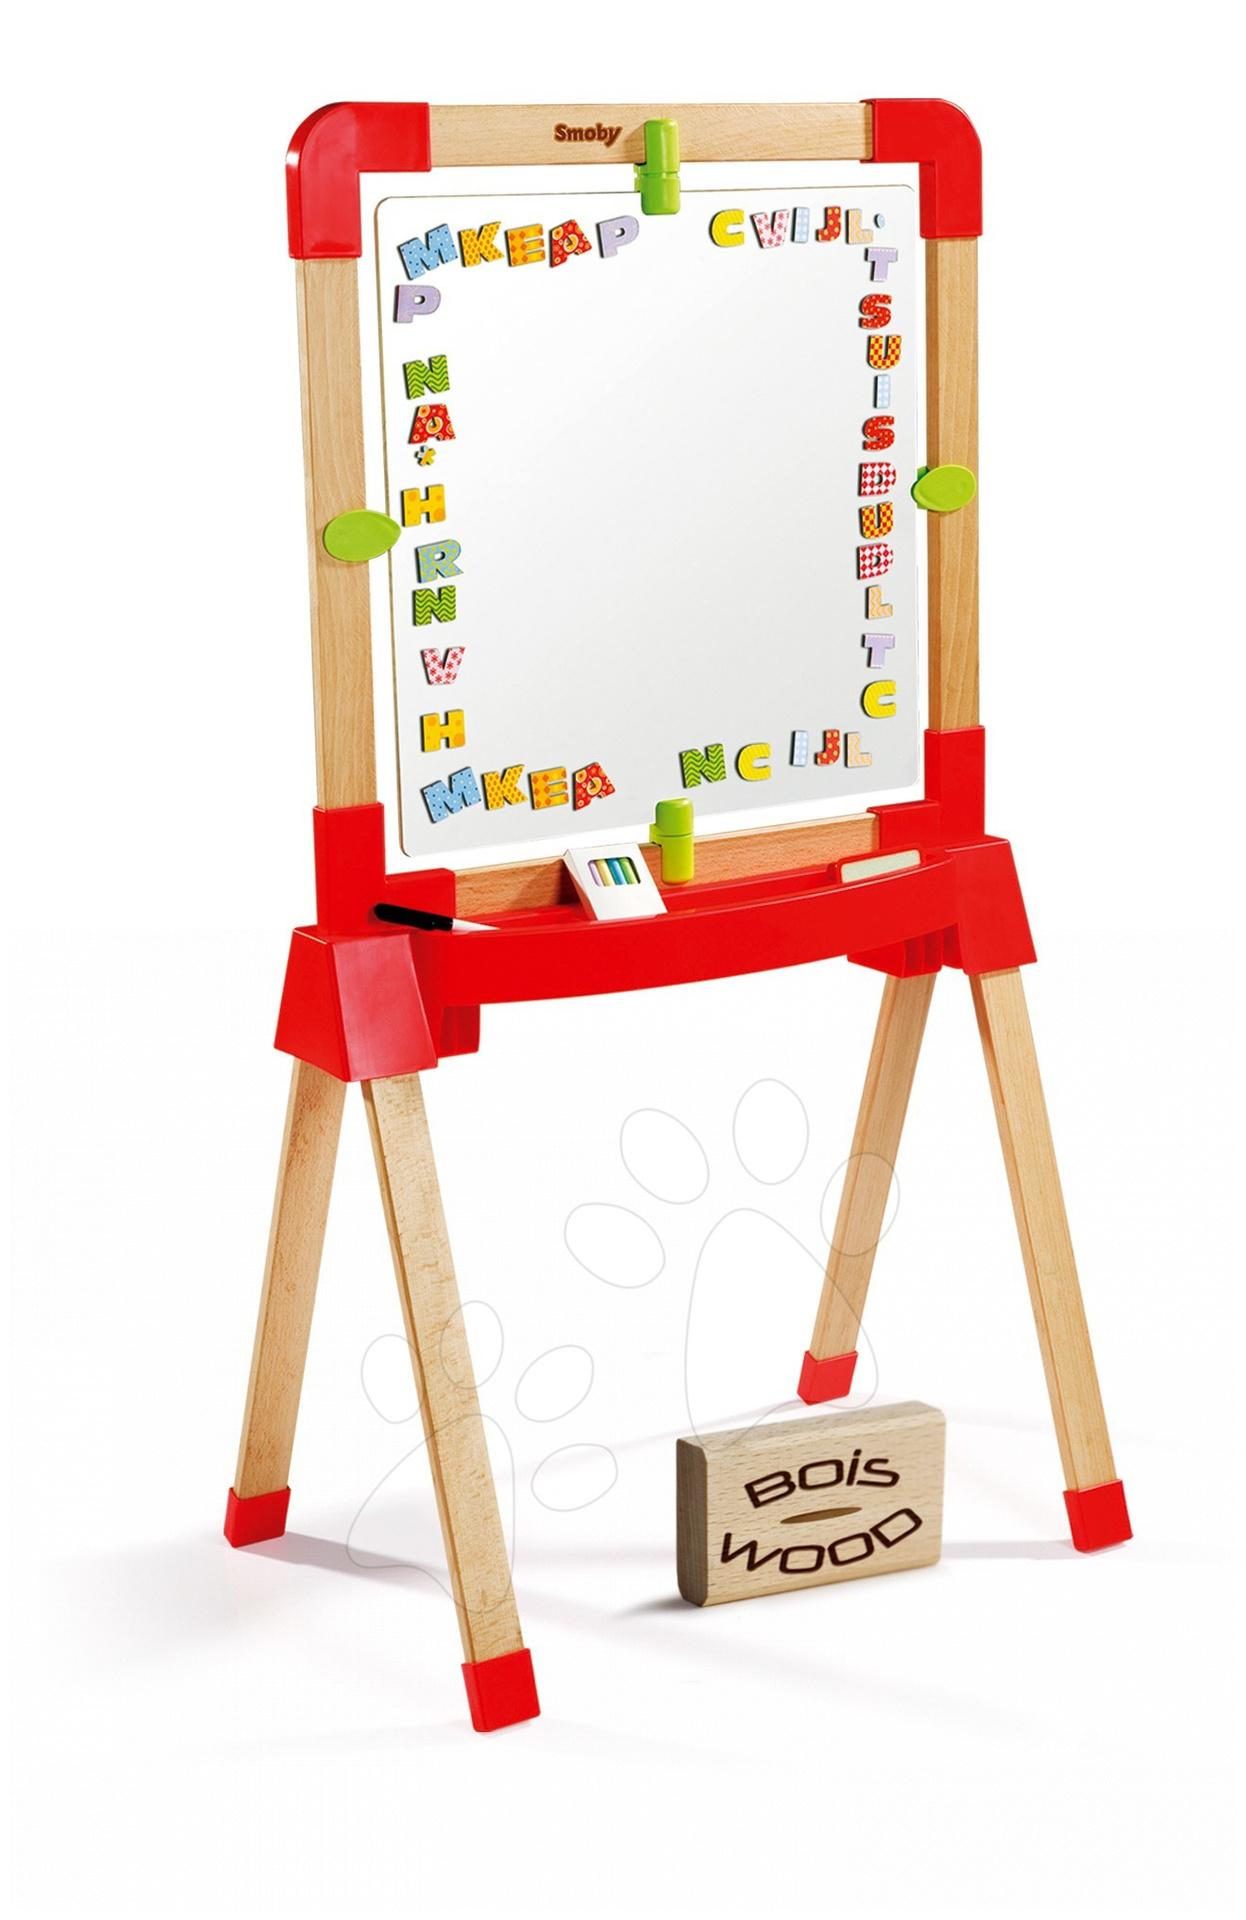 Staré položky - Dřevěná tabule na kreslení Twist n Play Smoby a 69 doplňků 106 cm výška